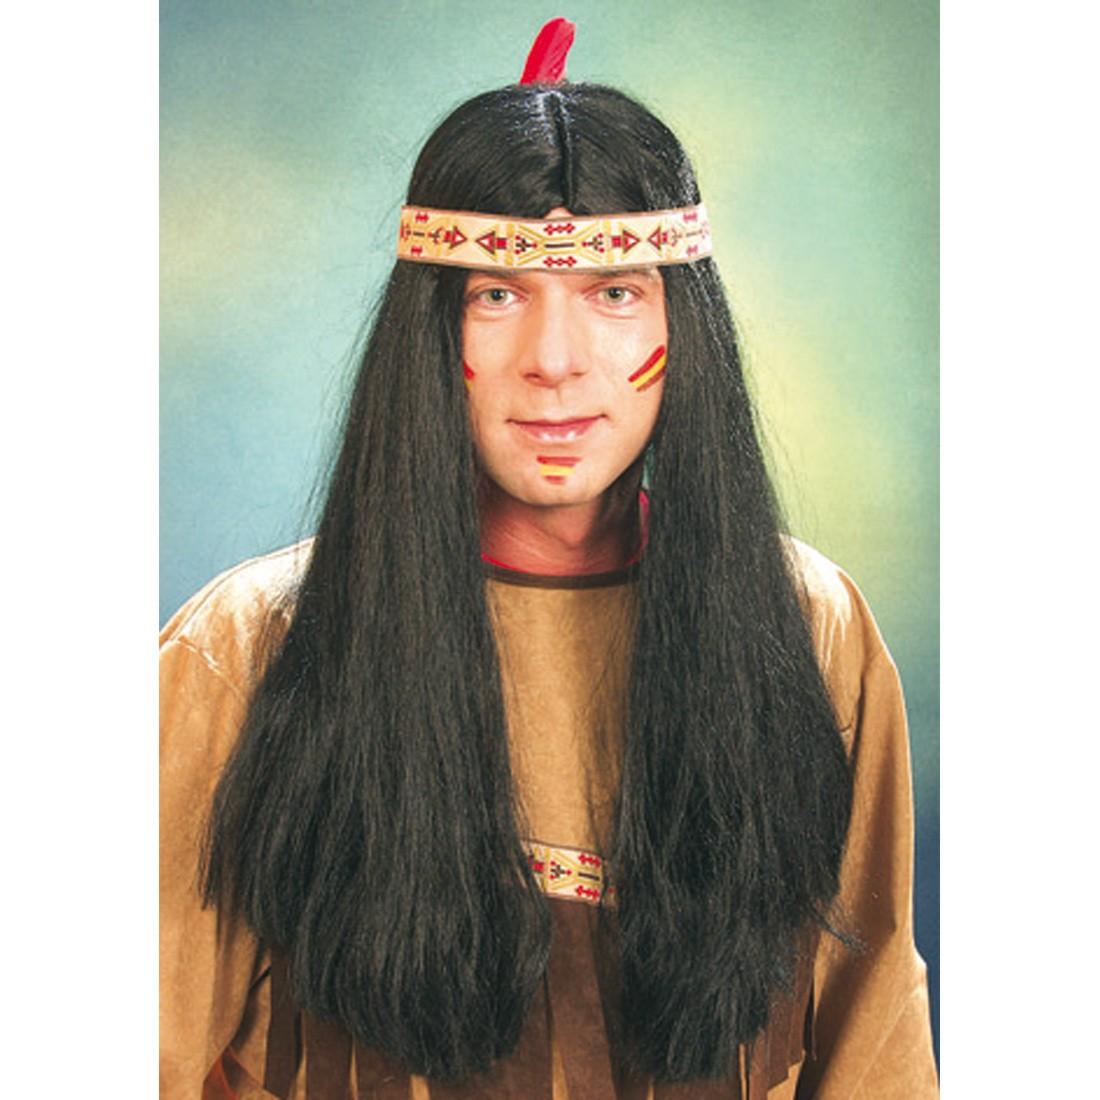 Indianer Frisur | Indianer Perucke Manitu Schwarz Indianerperucke 16 99